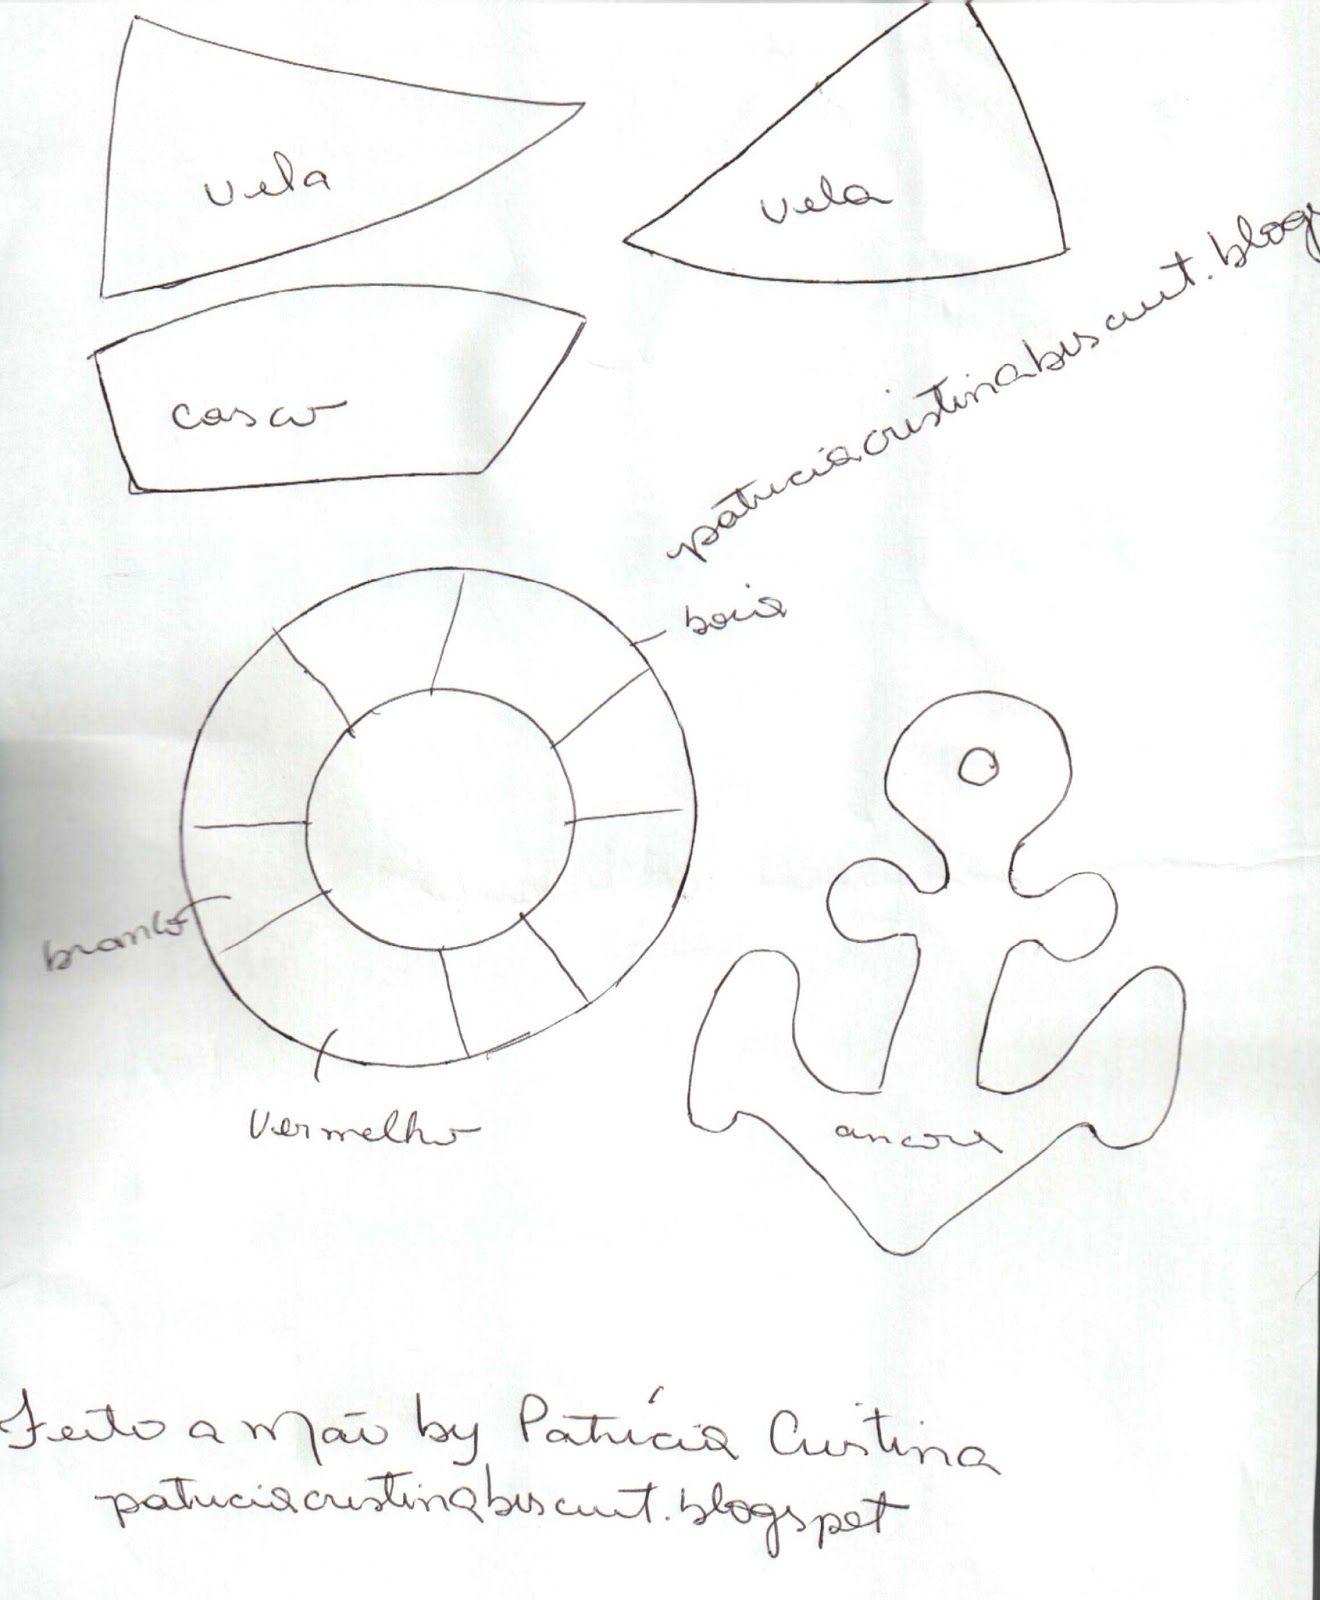 feito a m o by patricia cristina molde barquinho ancora e boia em e v a dise os 2. Black Bedroom Furniture Sets. Home Design Ideas